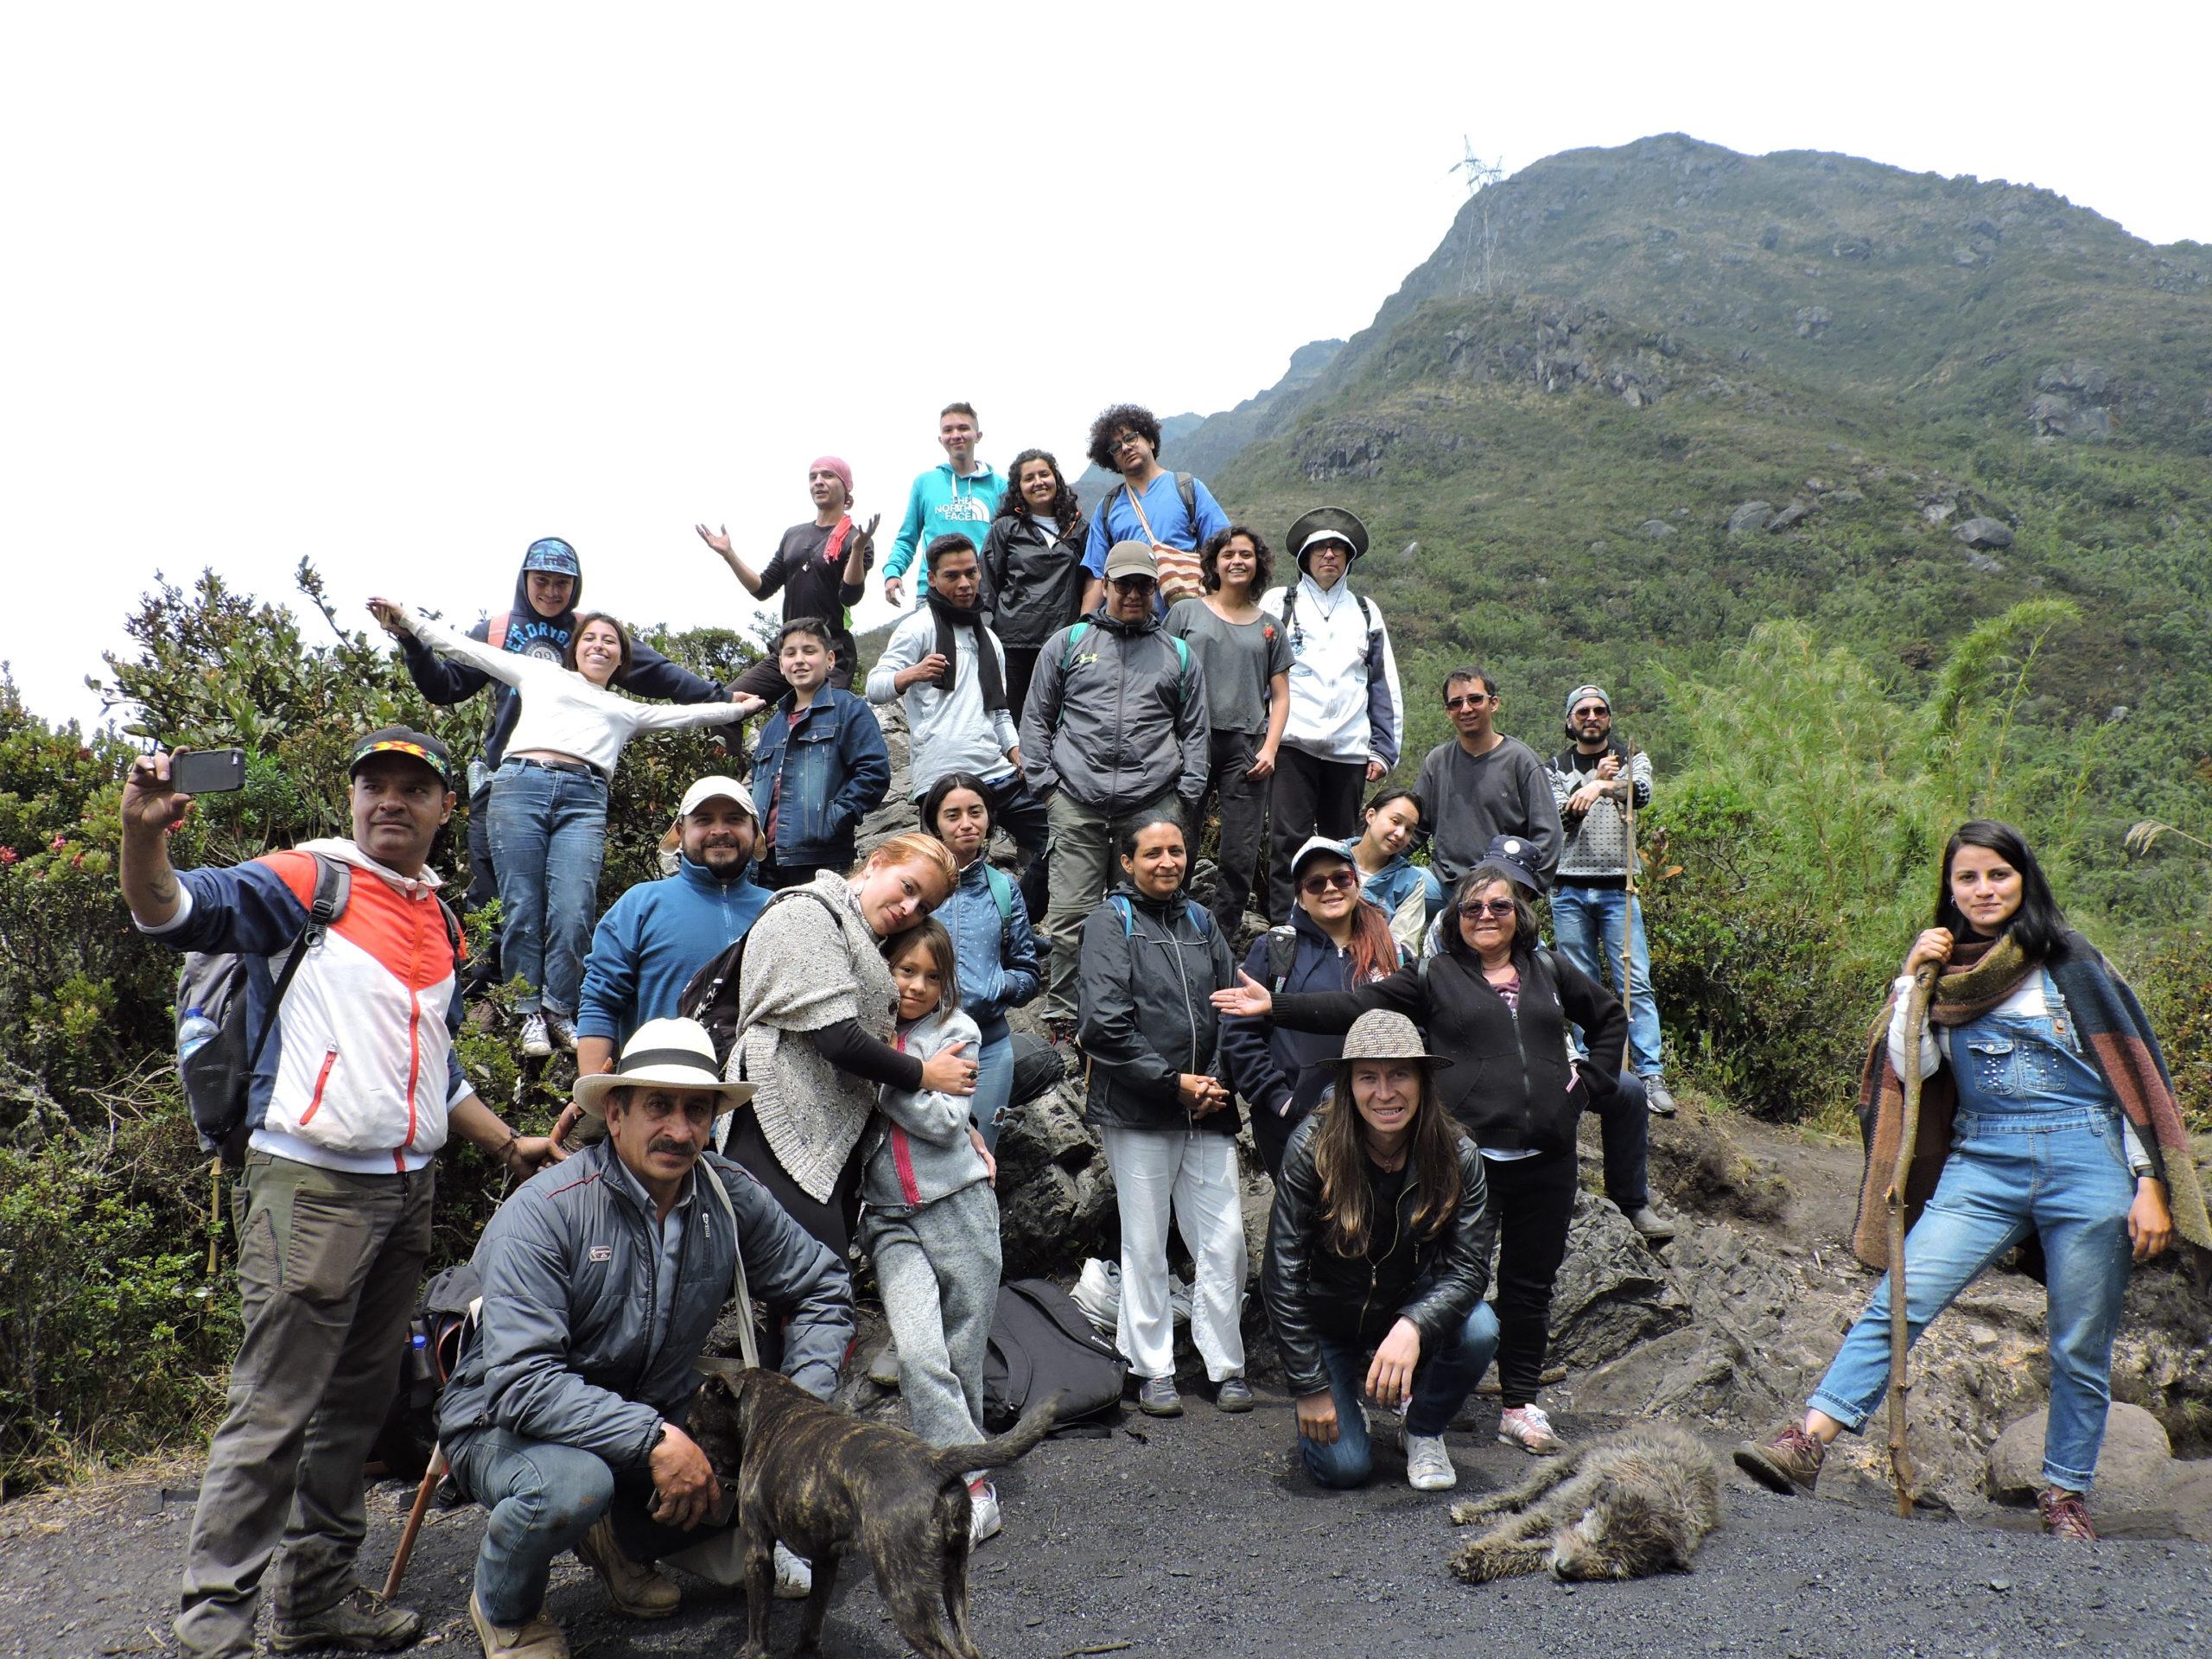 Recorrido, cuenca quebrada Yomasa, febr. 2020. Foto: El de La Ruana